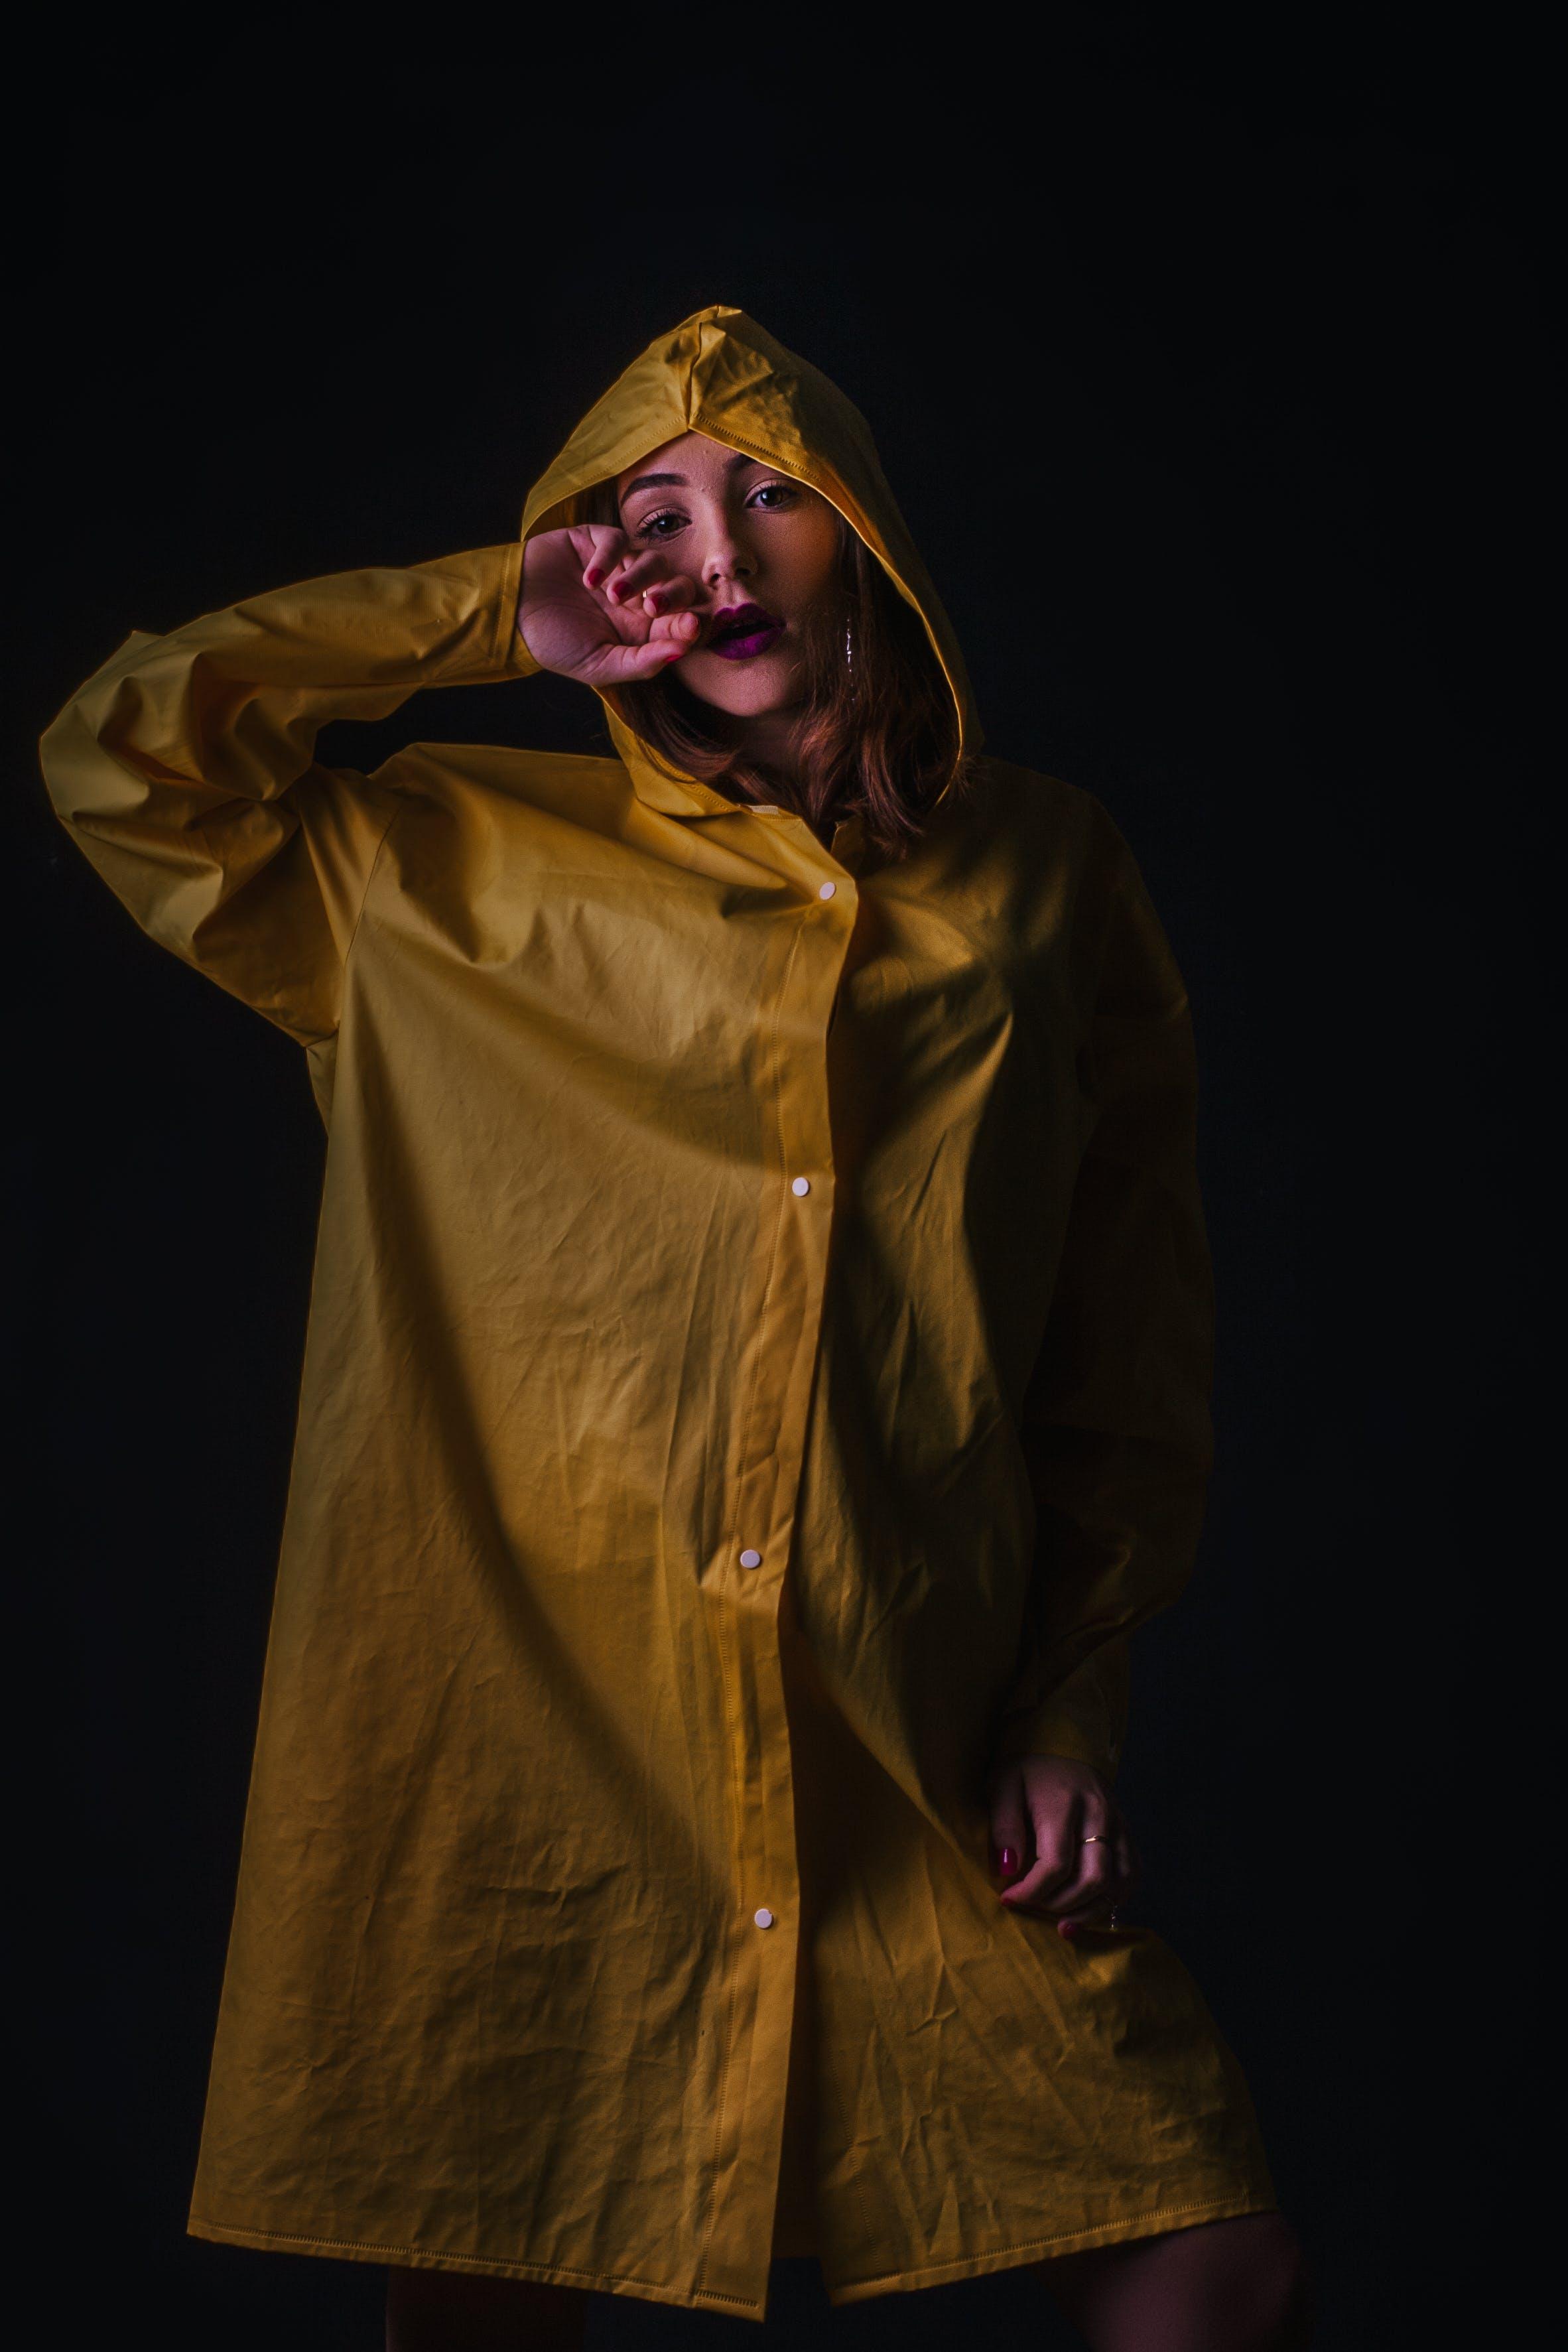 Gratis lagerfoto af fotosession, frakke, gul, kostume